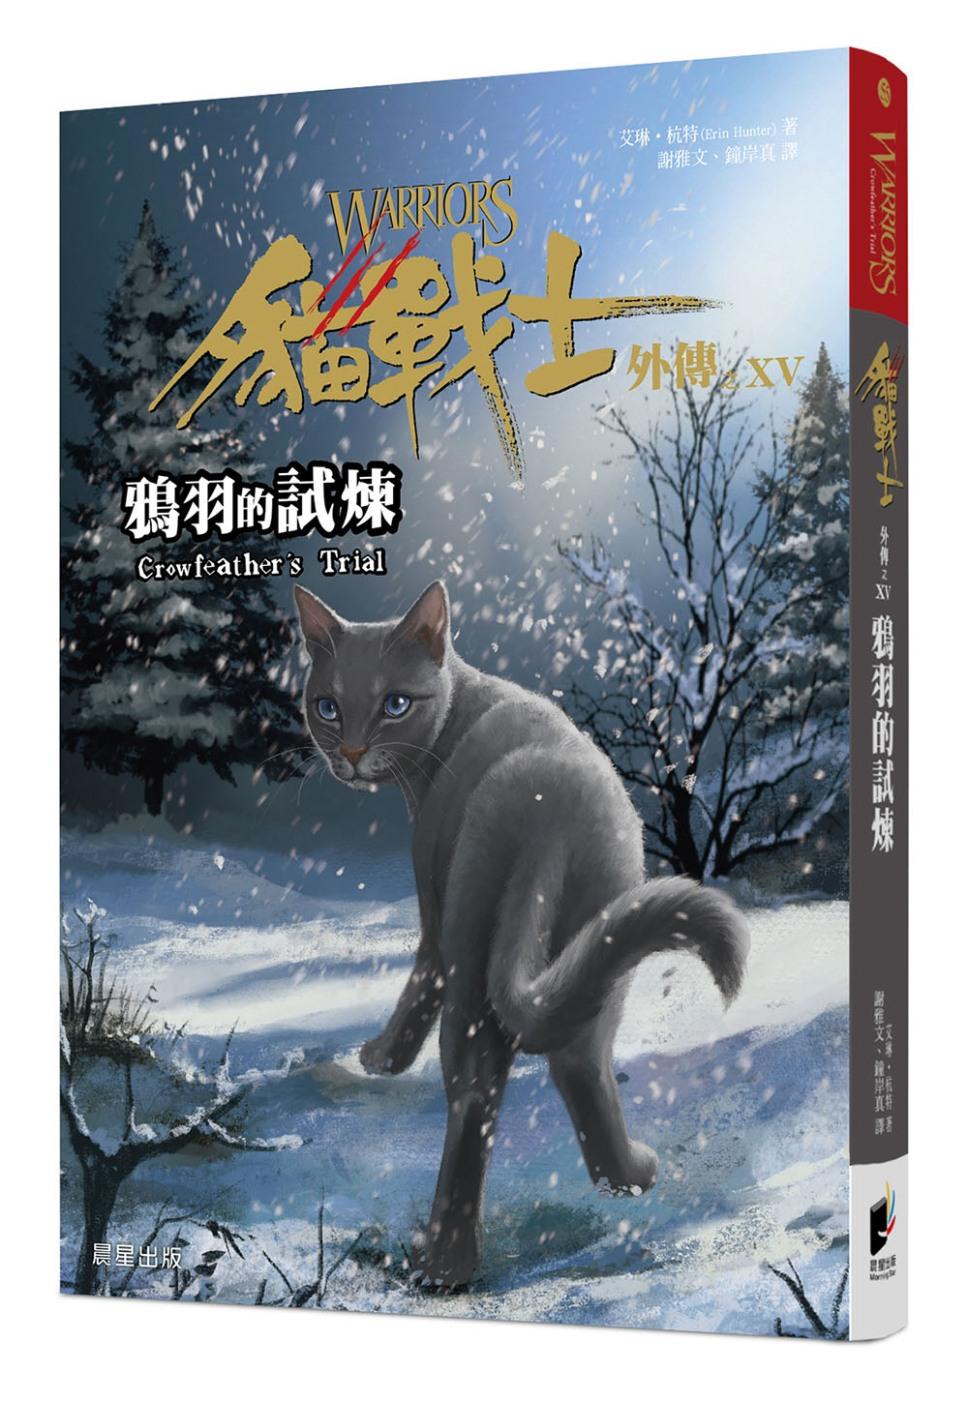 貓戰士外傳之十五:鴉羽的試煉